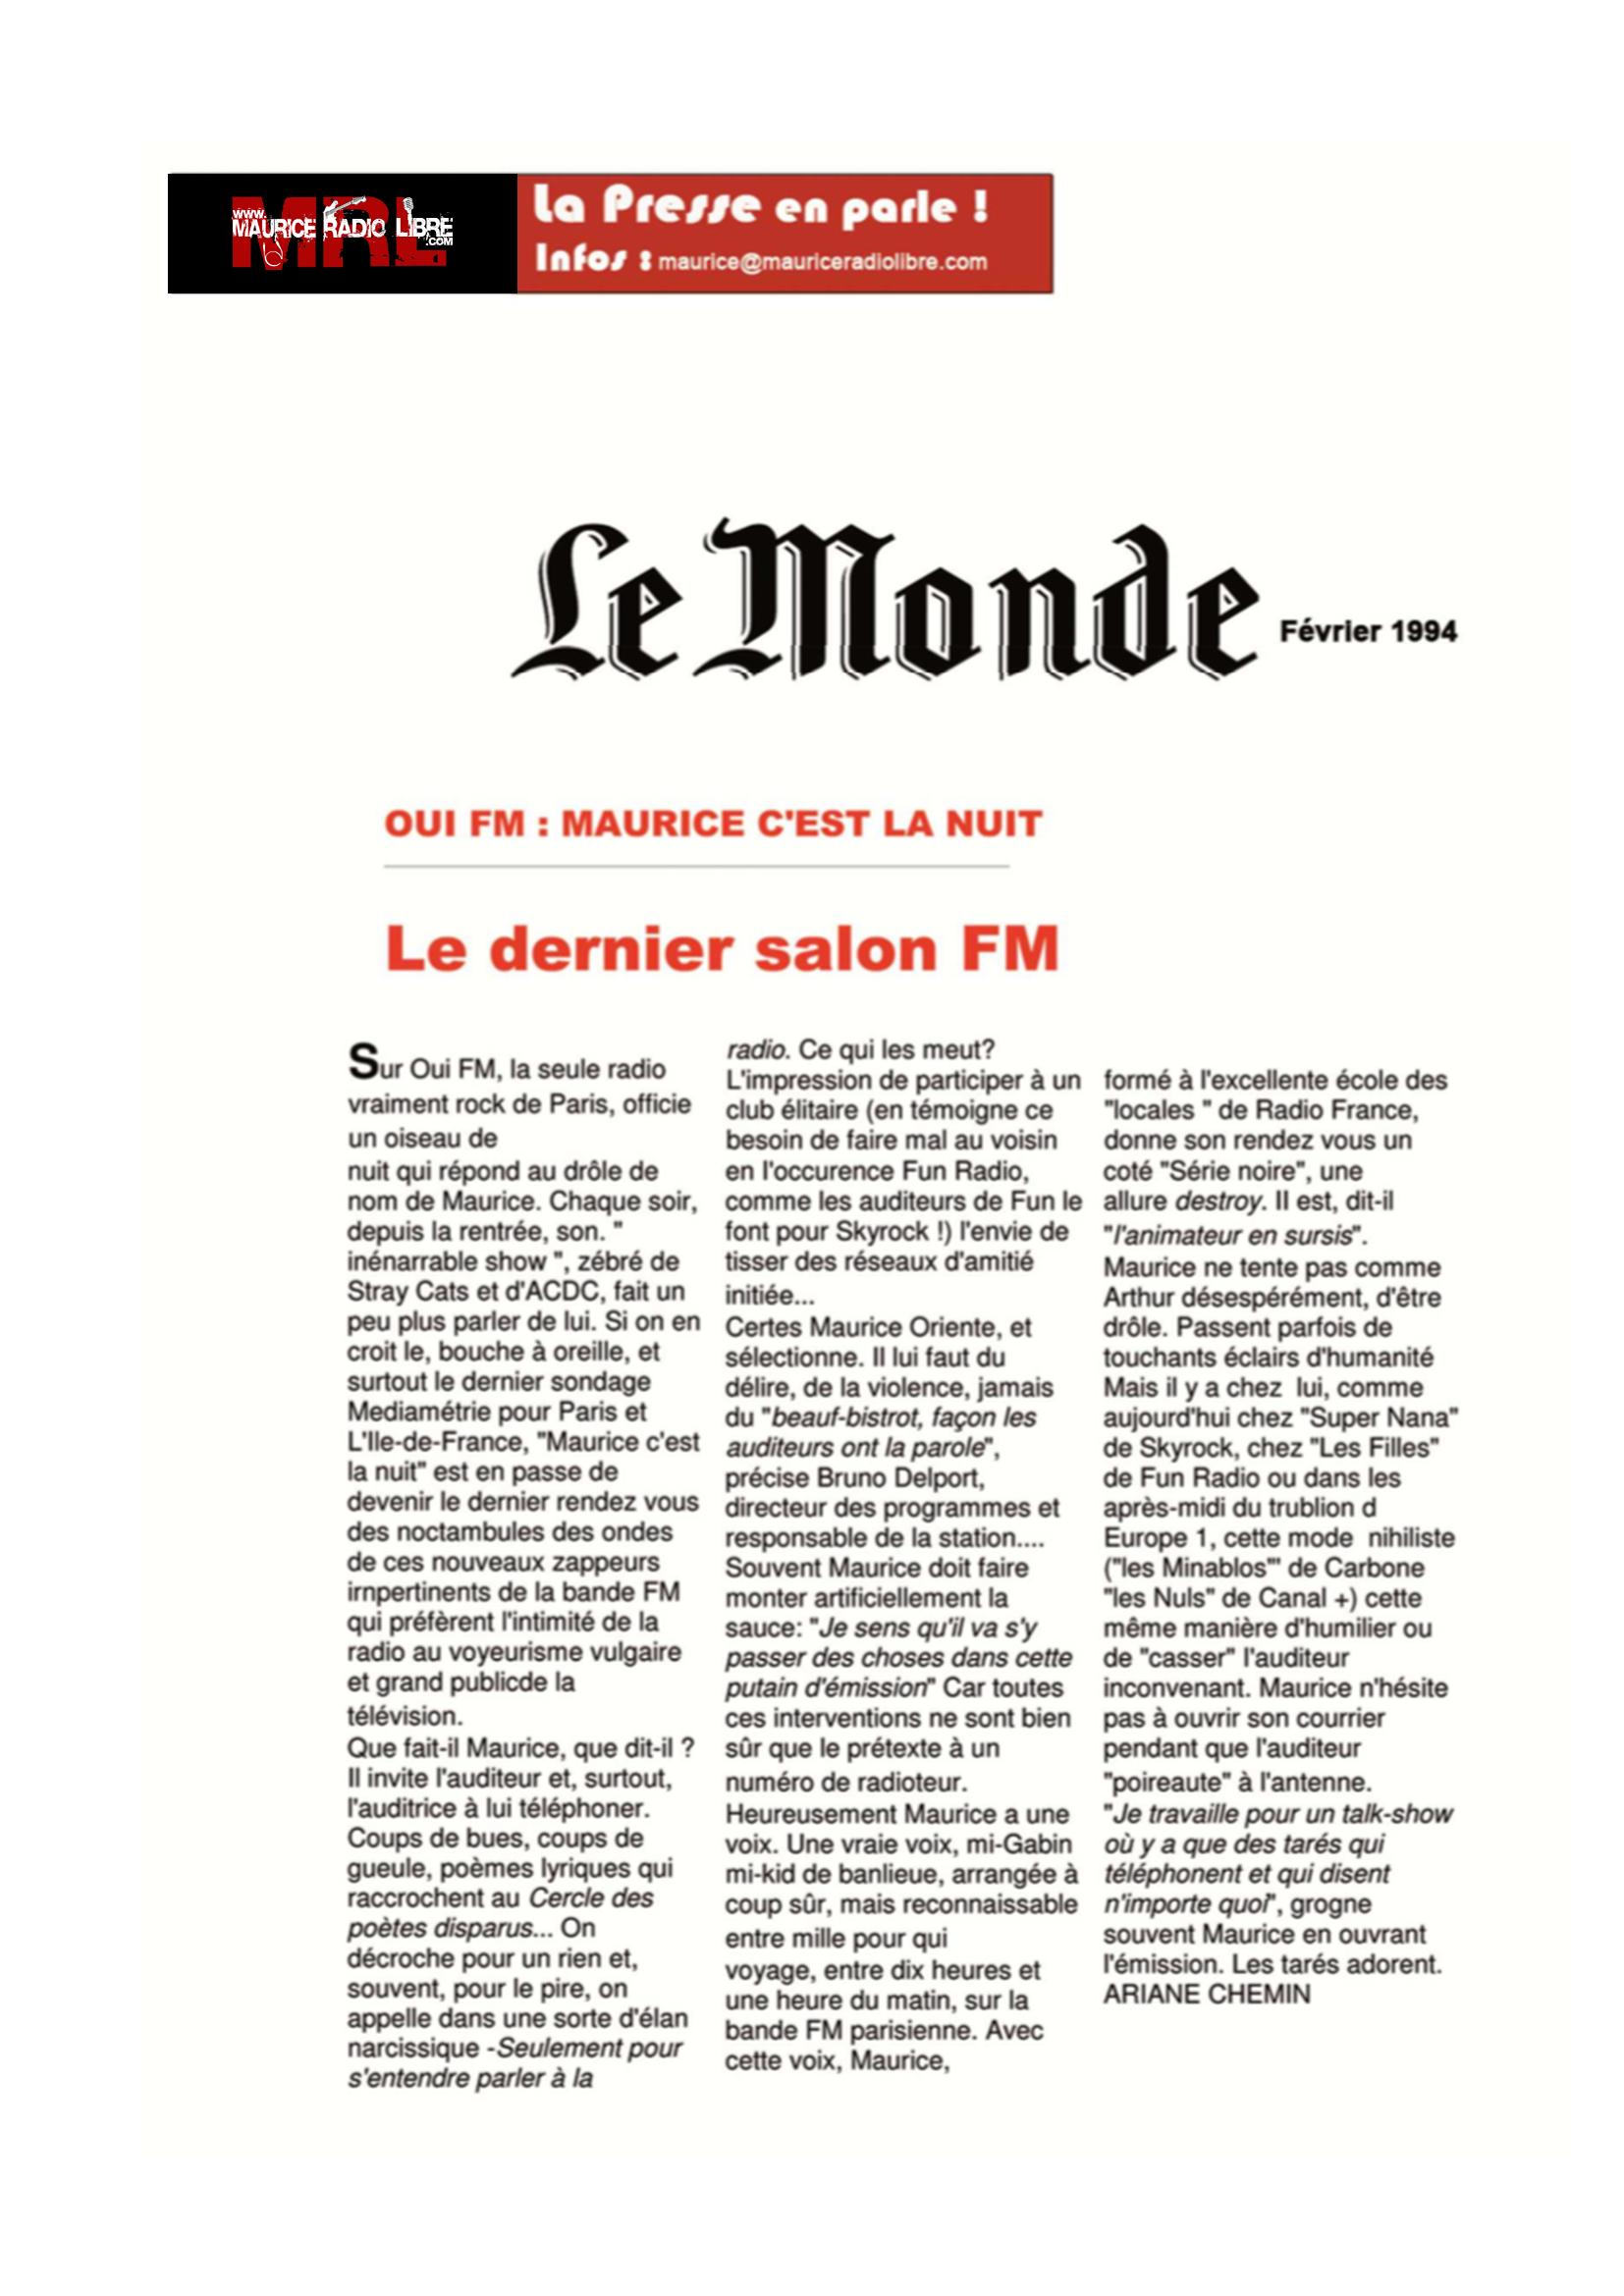 vignette Le Monde OUI FM : MAURICE C'EST LA NUIT : Le dernier salon FM - Février 1994